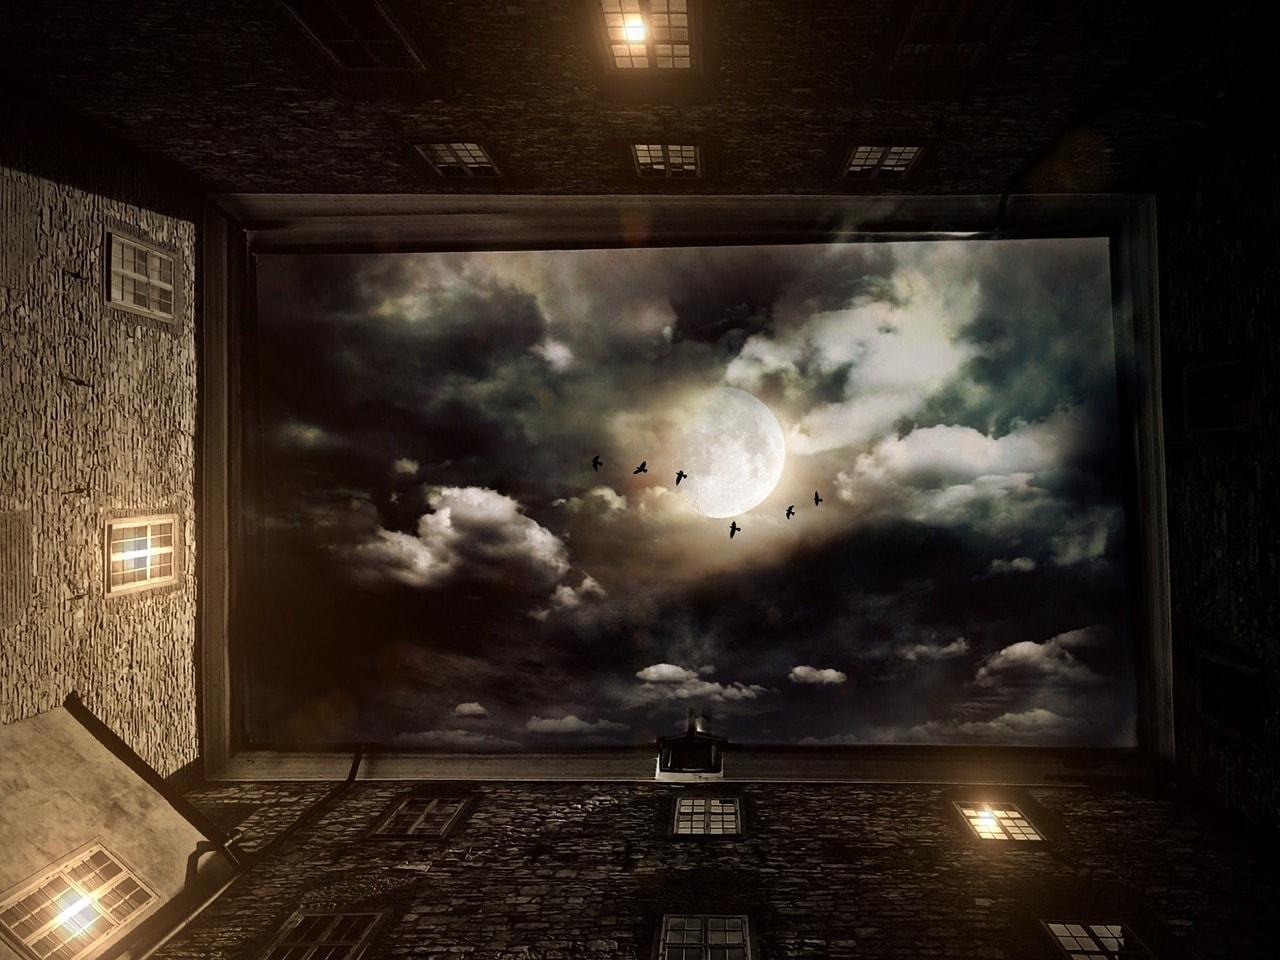 天井に宇宙空間が見える写真